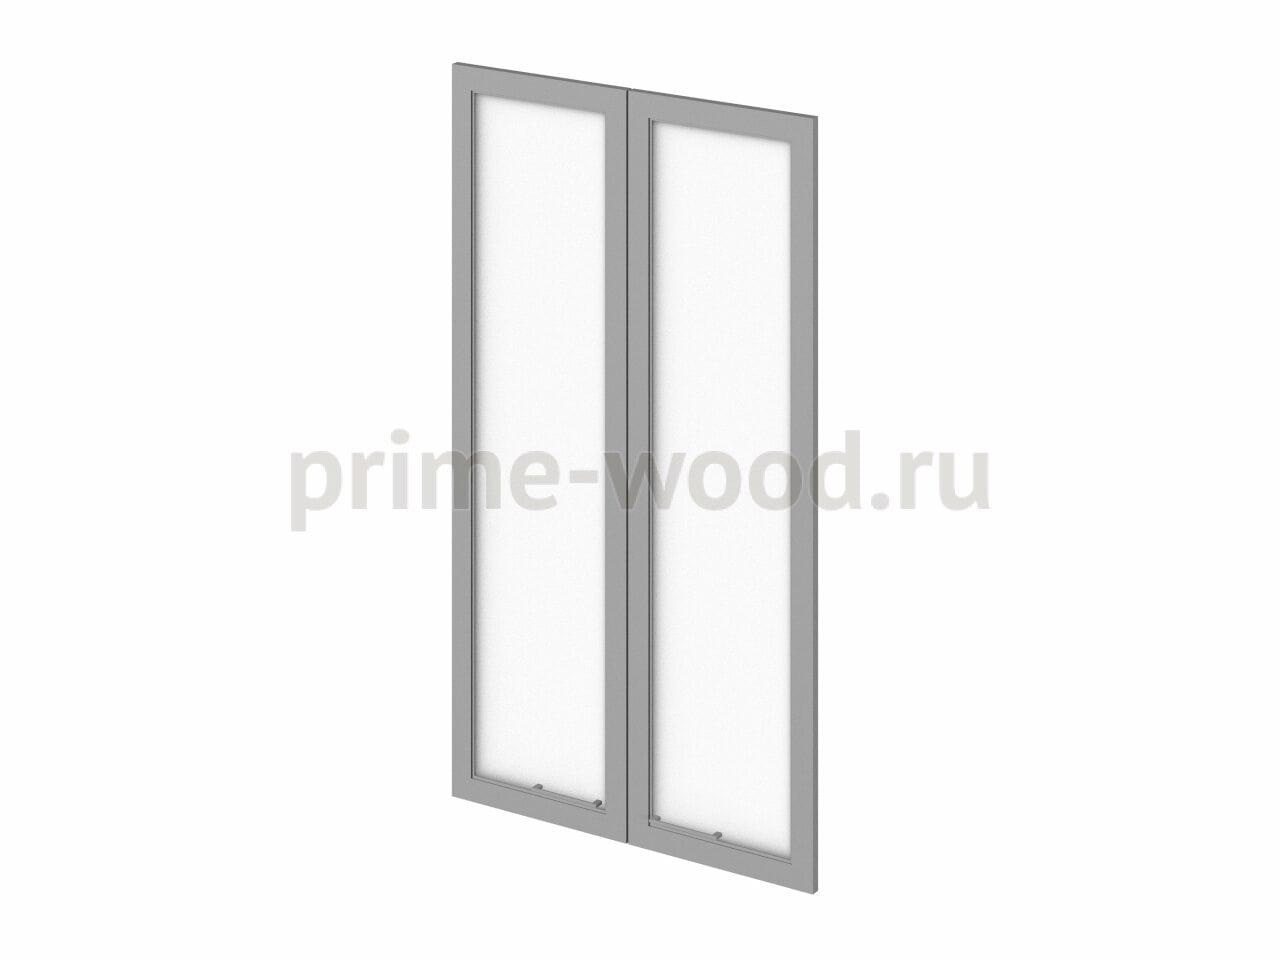 Двери средние стеклянные - фото 2